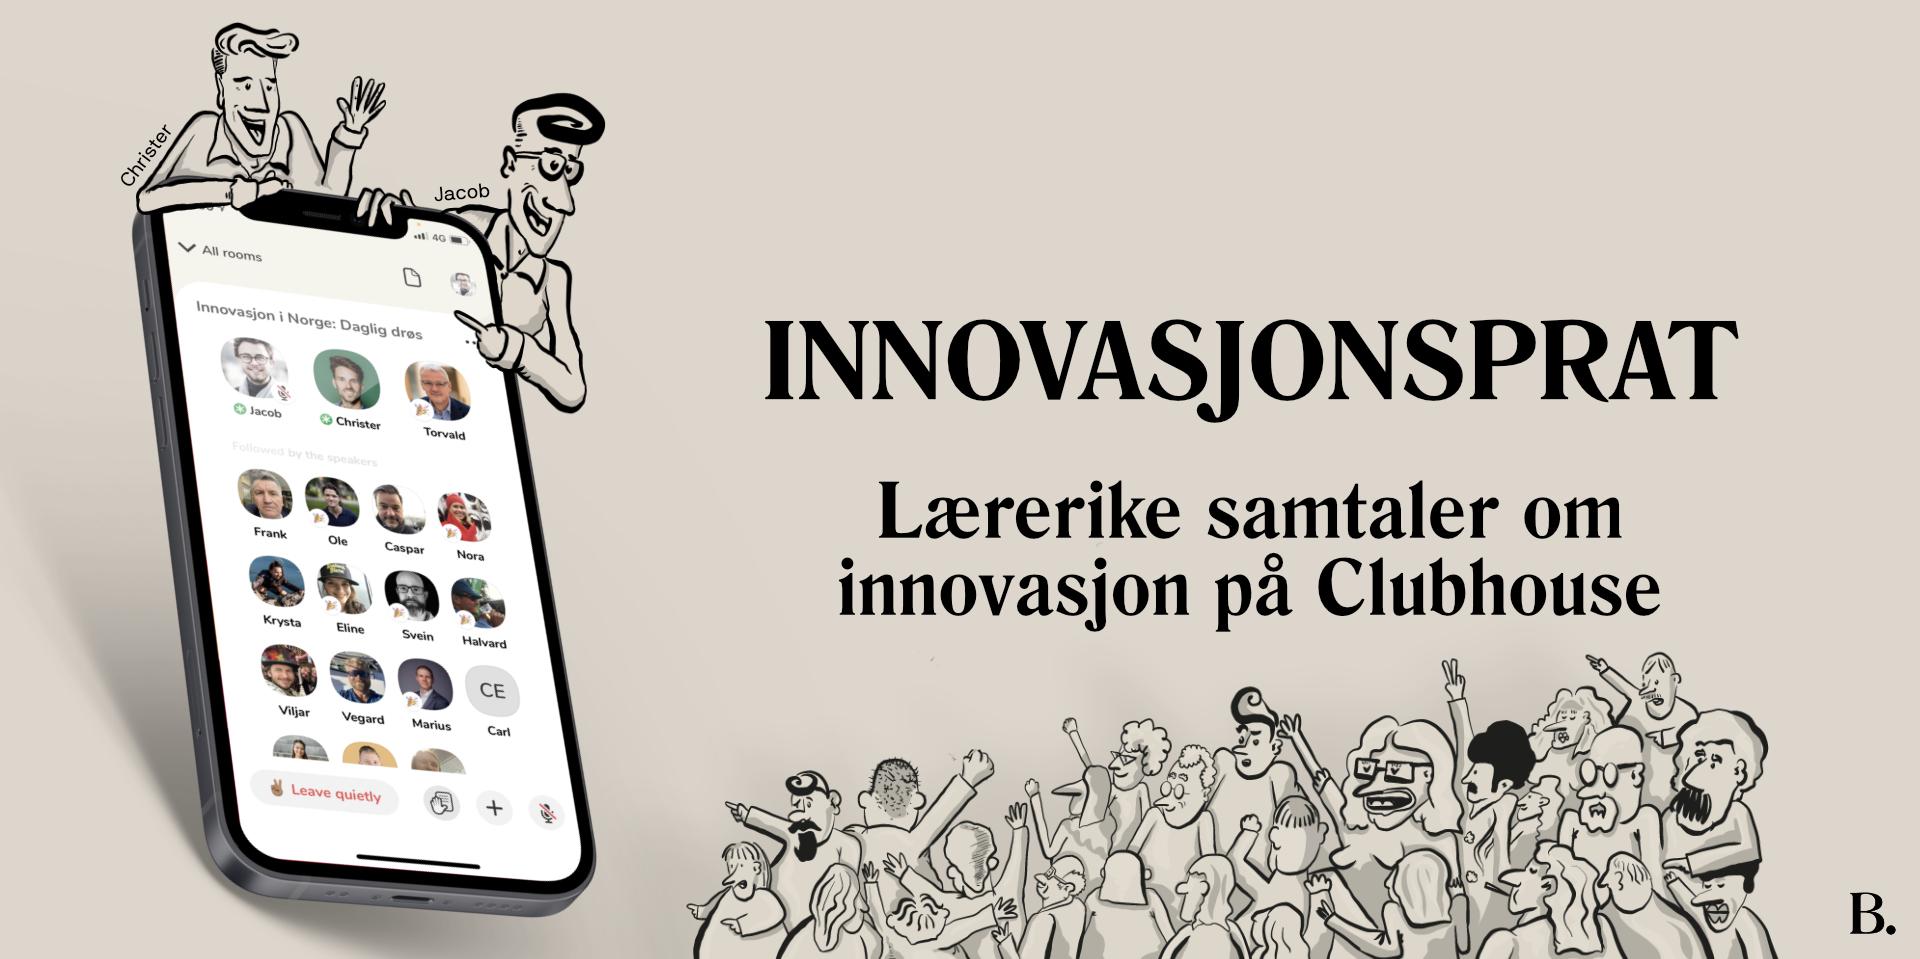 lærerike innovasjonspreik